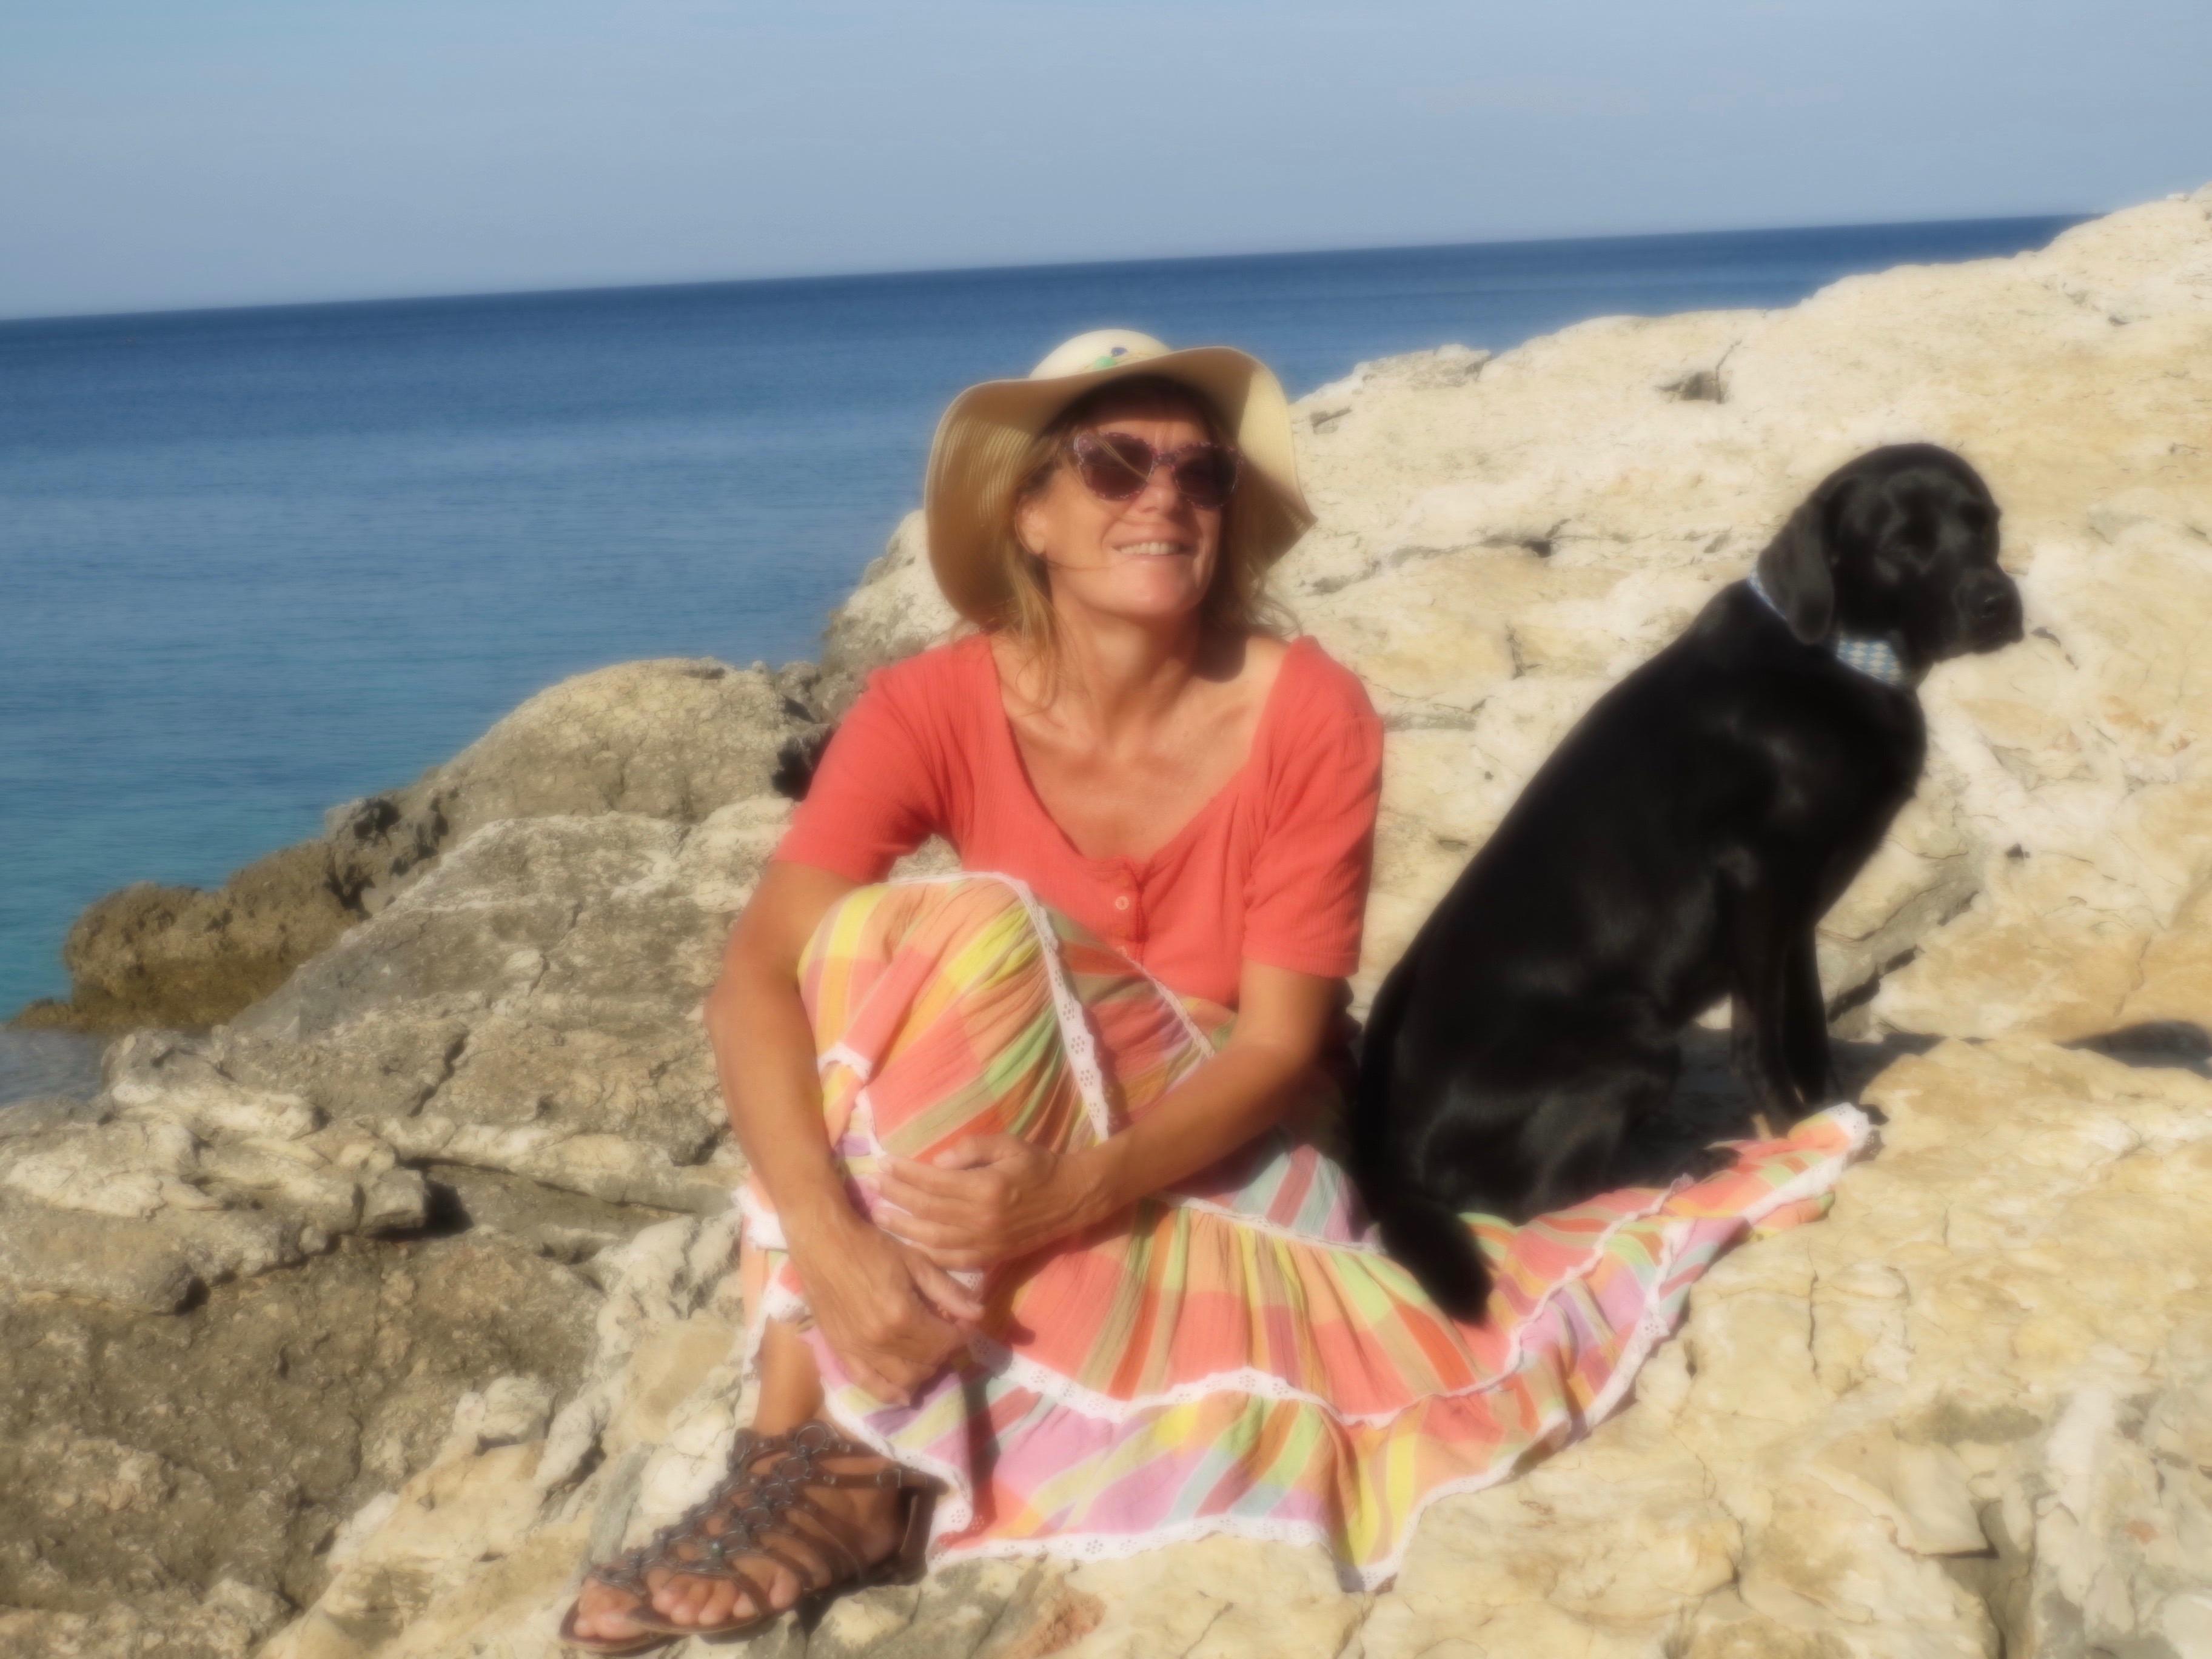 Frau mit Hut am Meer auf www.flipper-privat.de